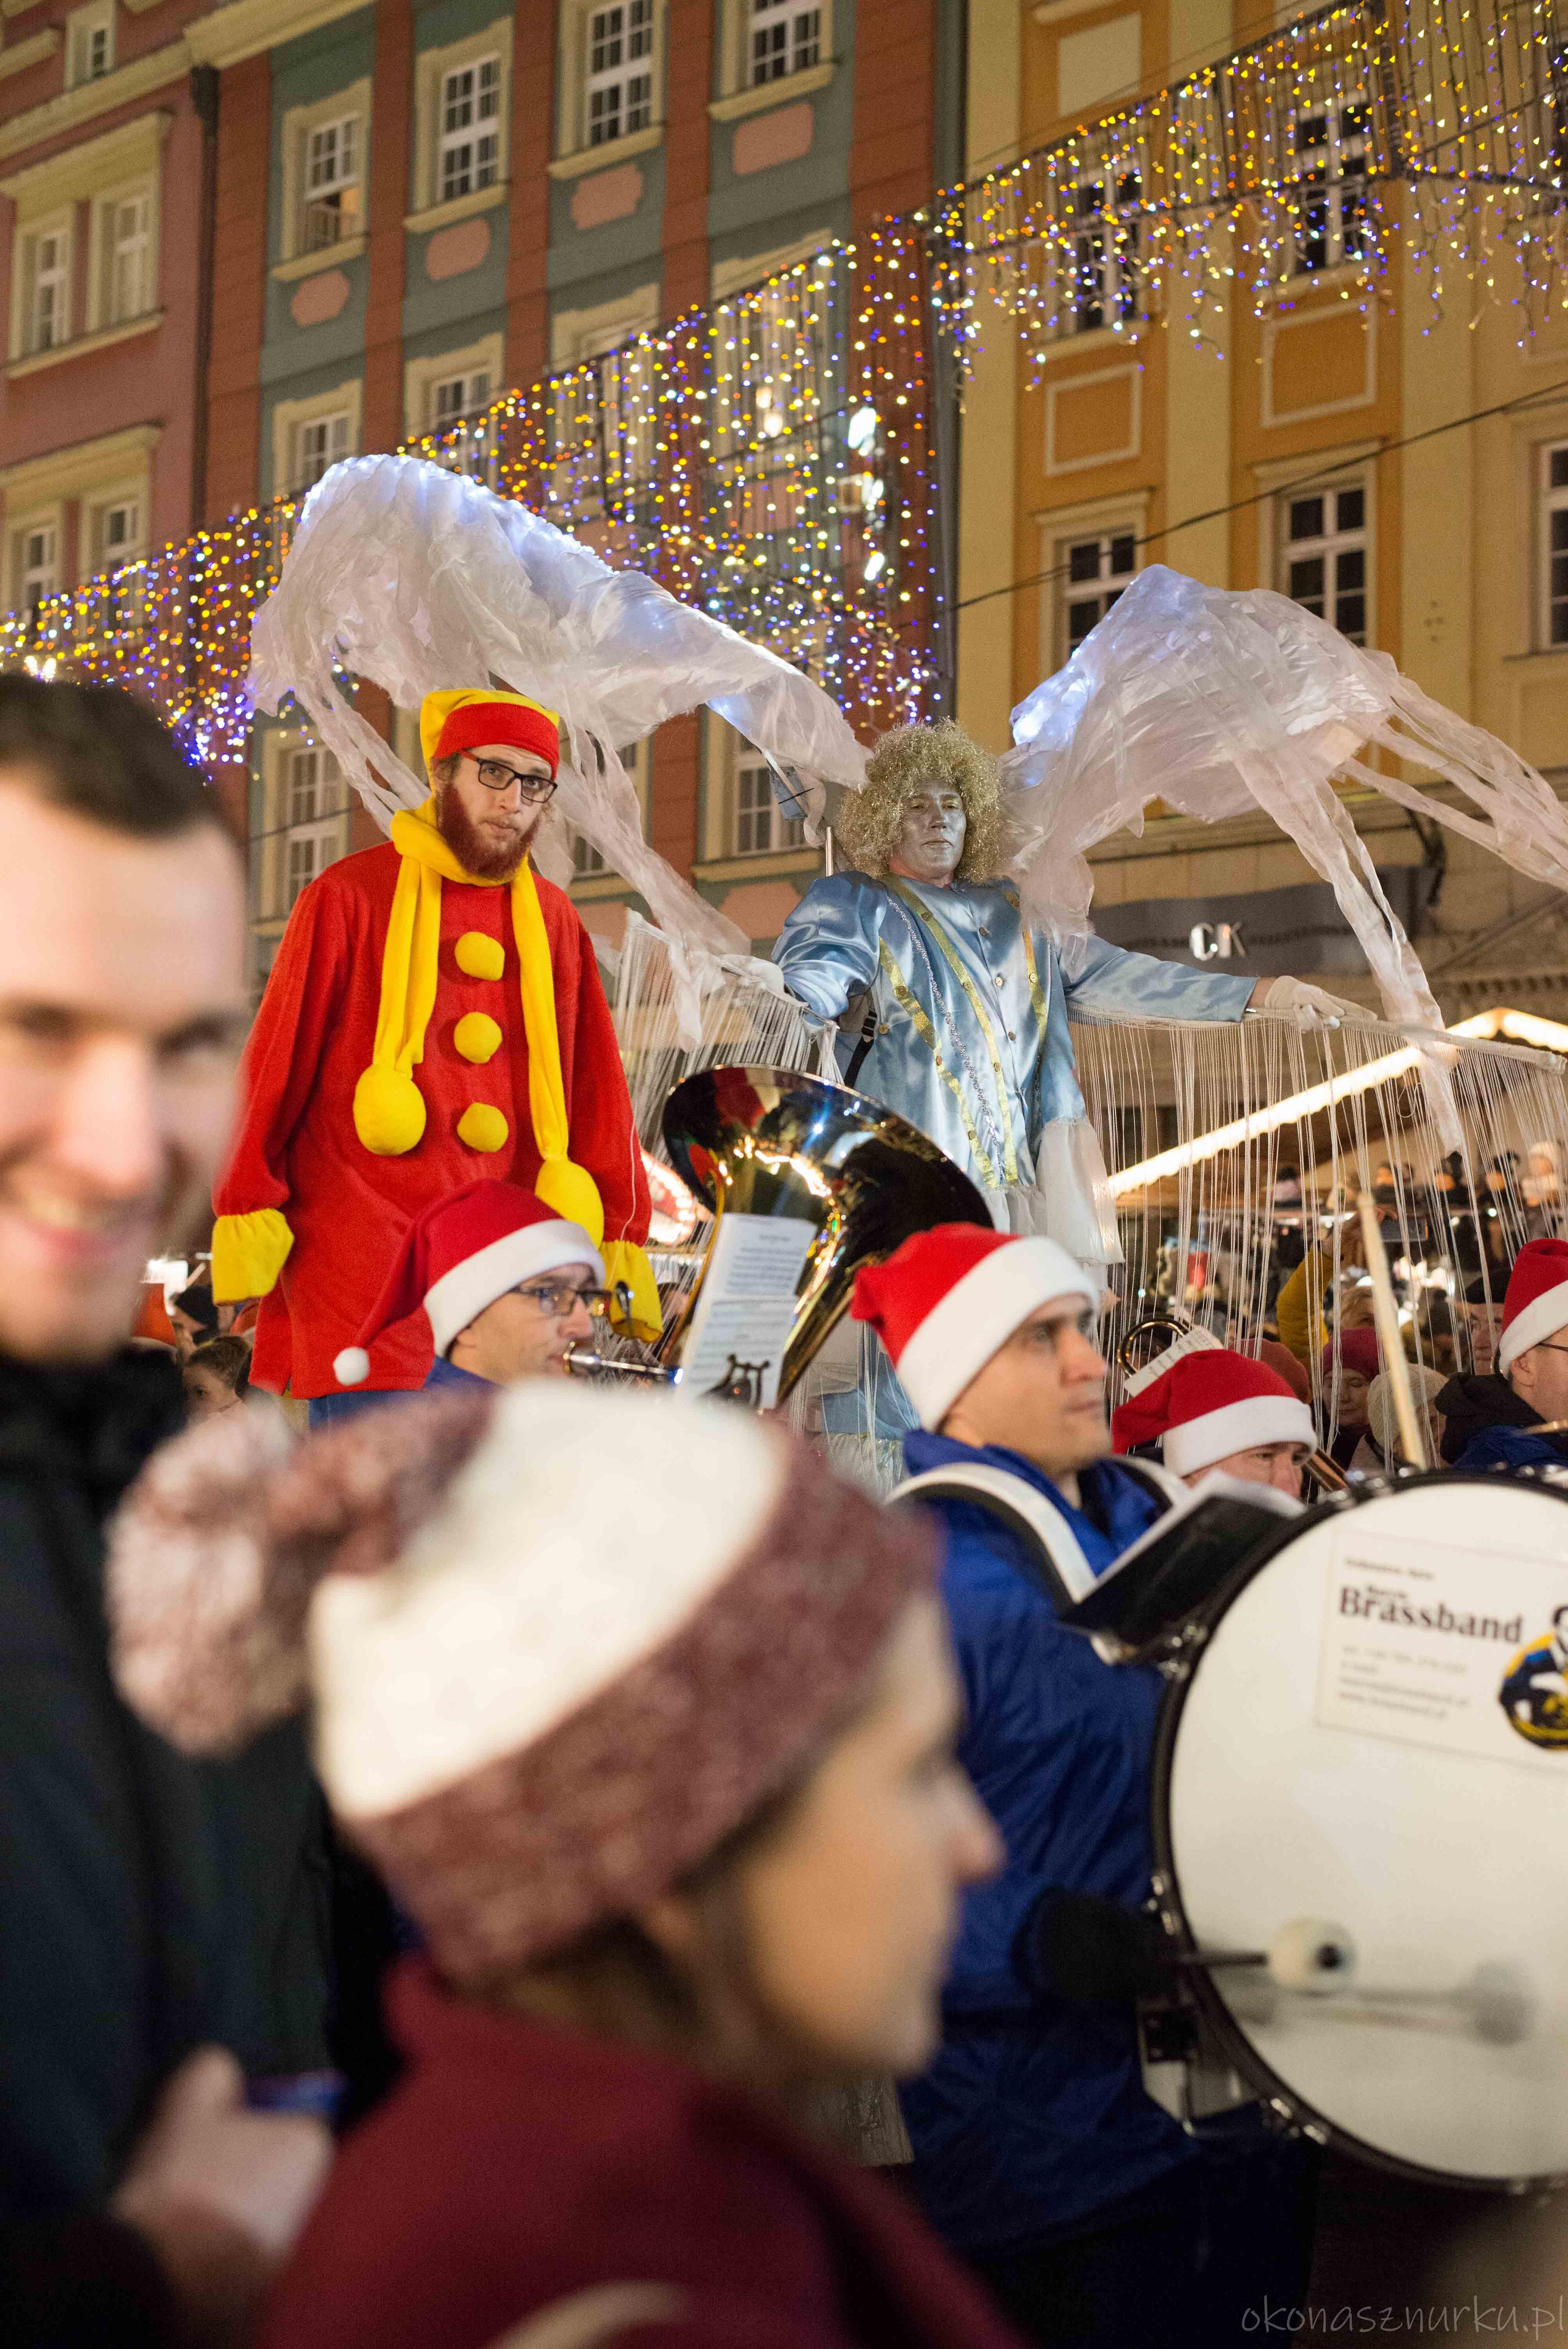 jarmark-bozonarodzeniowy-wroclaw-christmas-market-poland (14)